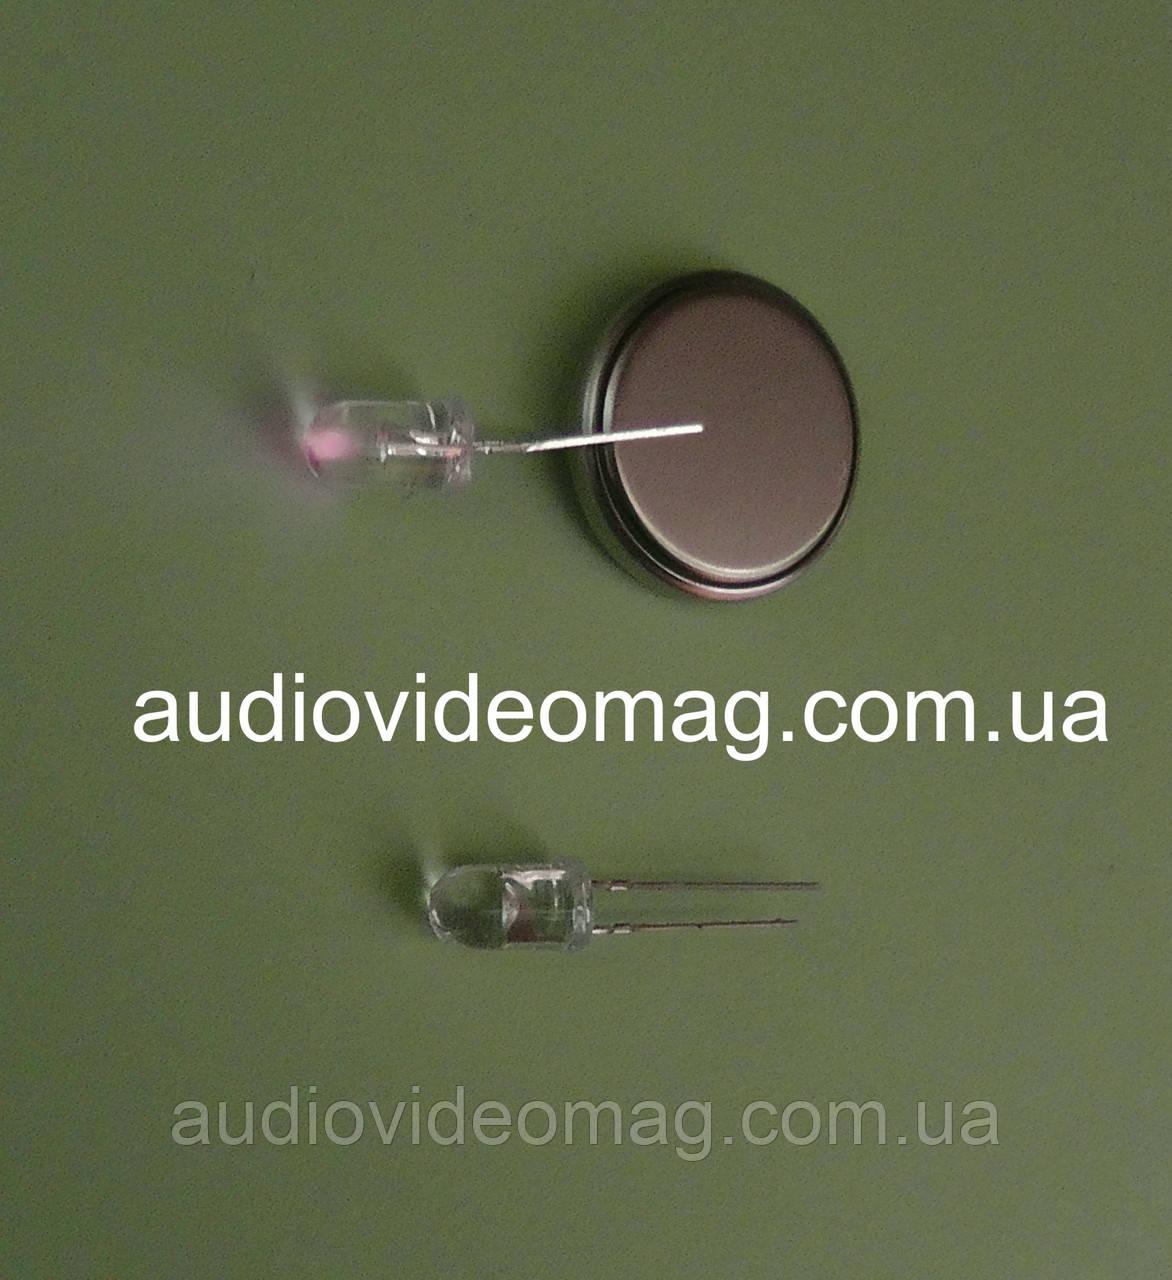 Світлодіод 3V 5 мм, інфрачервоний, довжина хвилі 940 нм